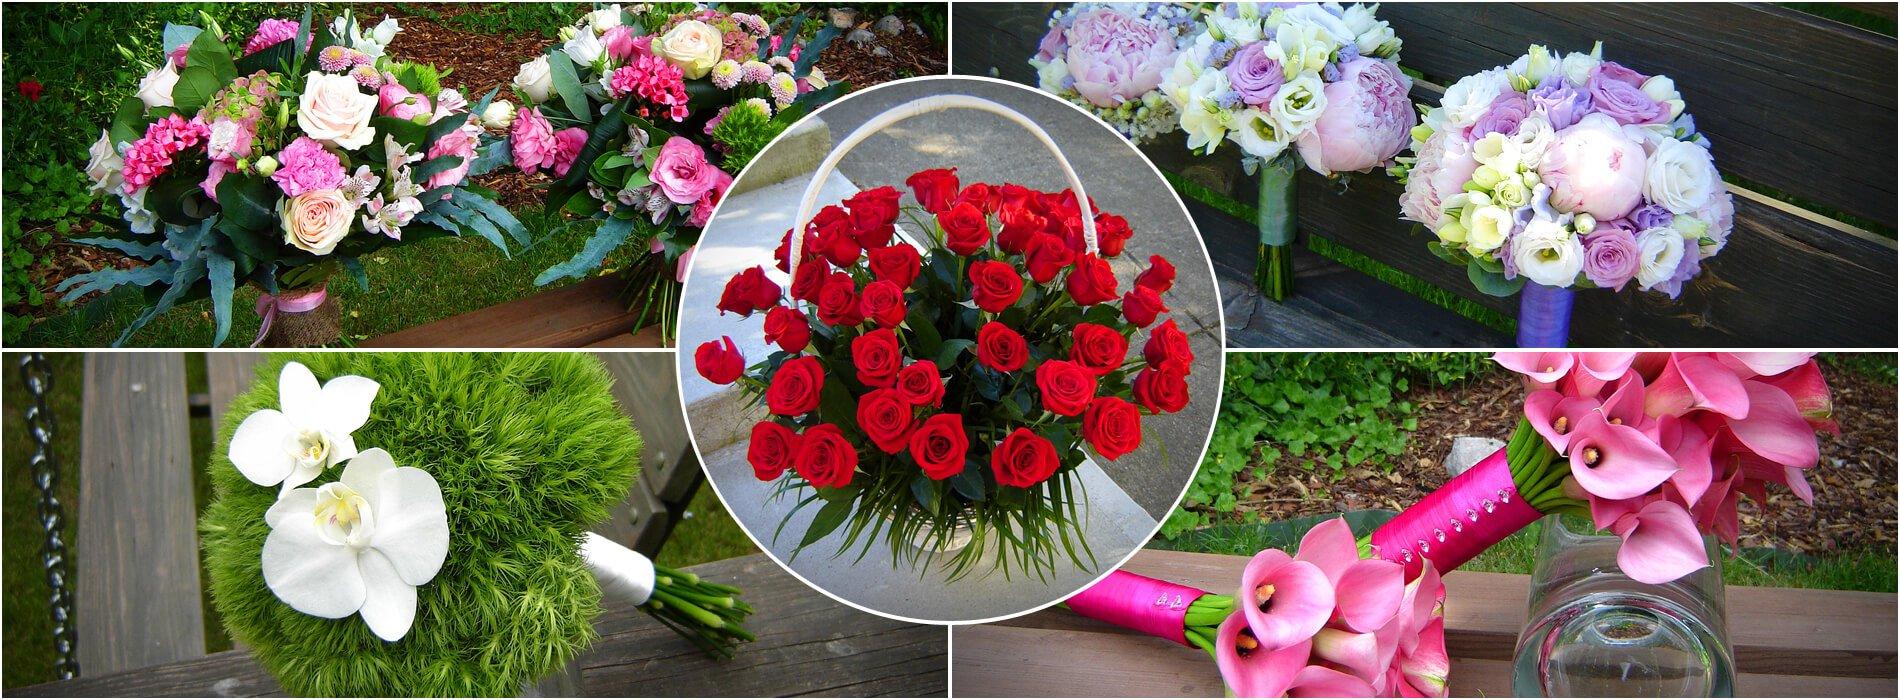 Przykładowe kwiaty na podzienkowania dla chrzestnych